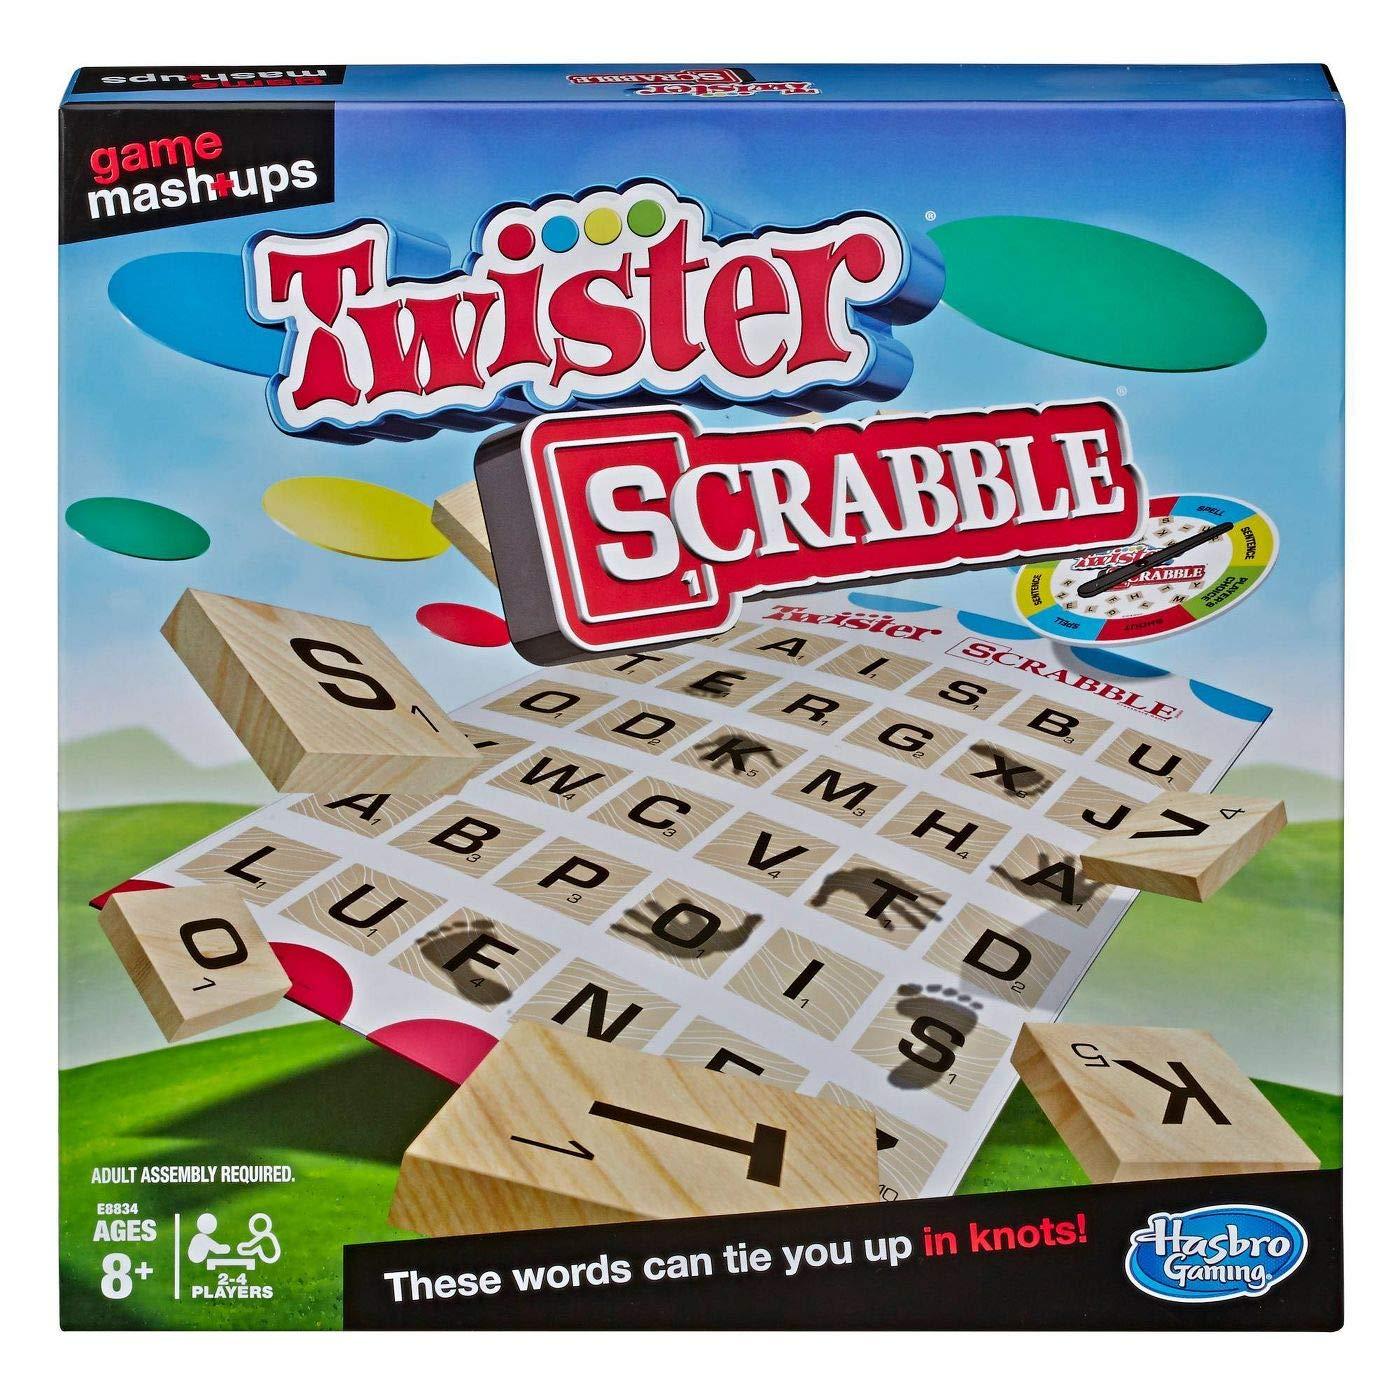 Juego de Scrabble Game Mashups Twister (edad: 8 años y más): Amazon.es: Industria, empresas y ciencia